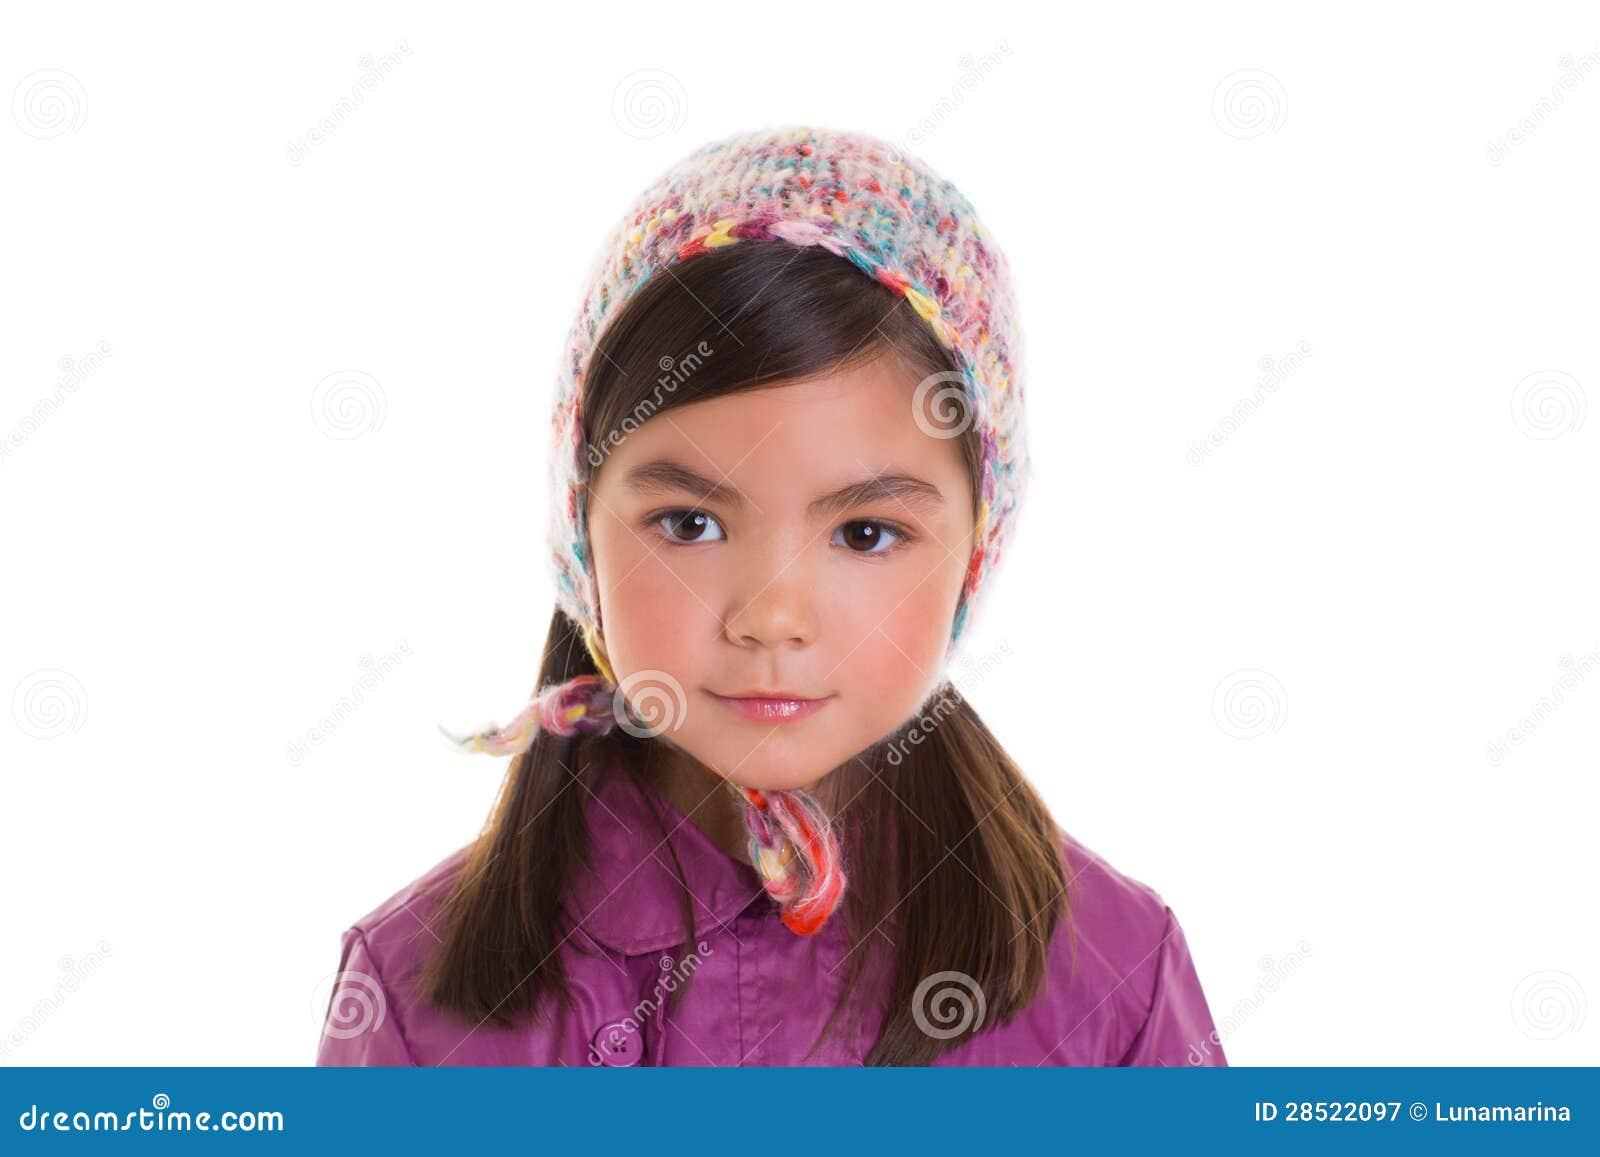 Aziatische van de het meisjeswinter van het kindjonge geitje het portret purpere laag en wol GLB